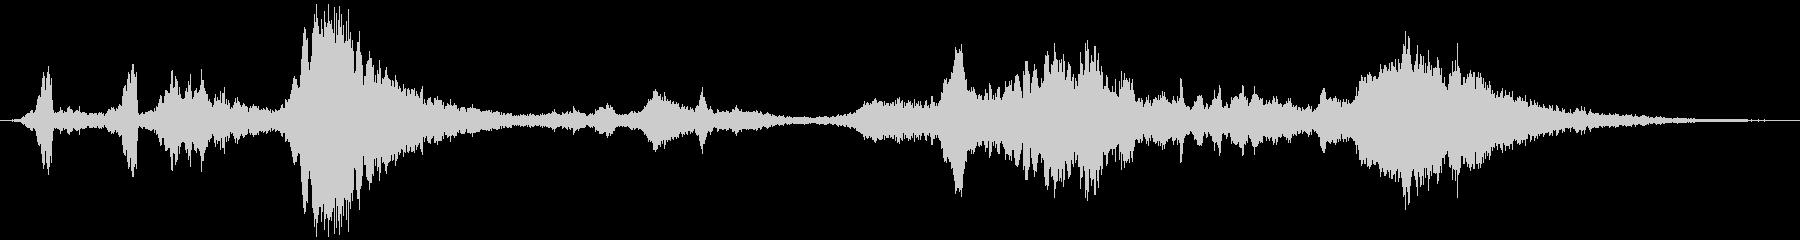 鋭い スクレープパッド01の未再生の波形